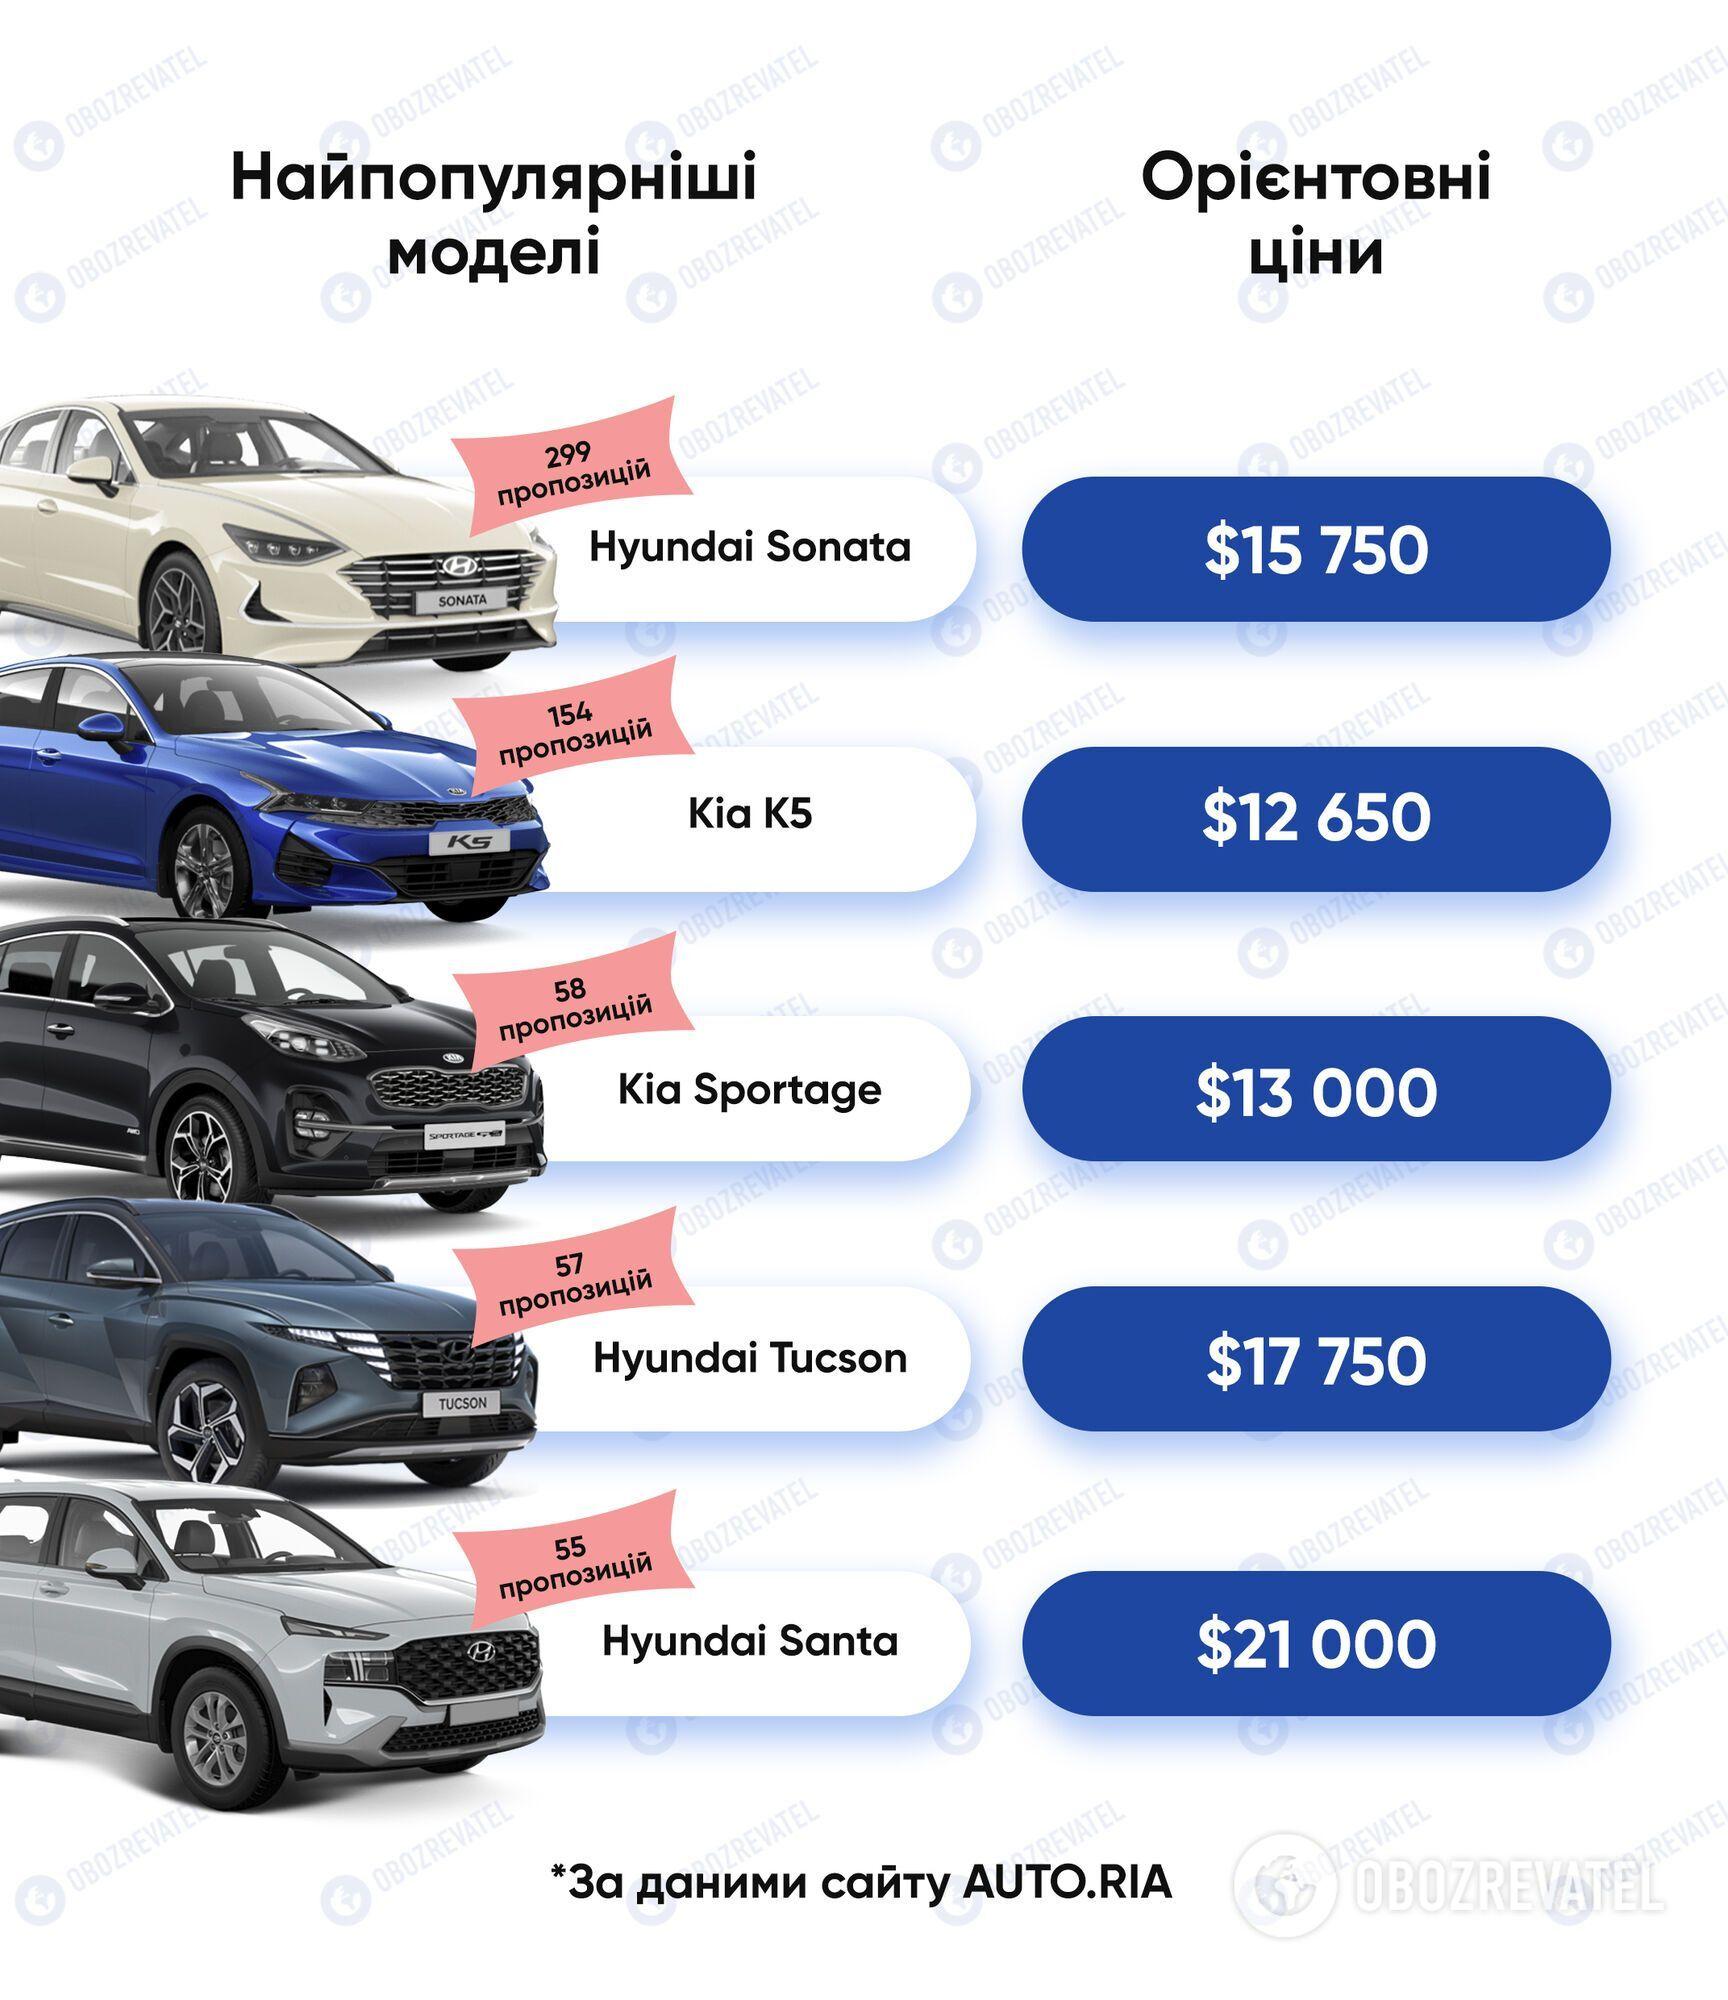 Найпопулярніші автомобілі з Південної Кореї в Україні